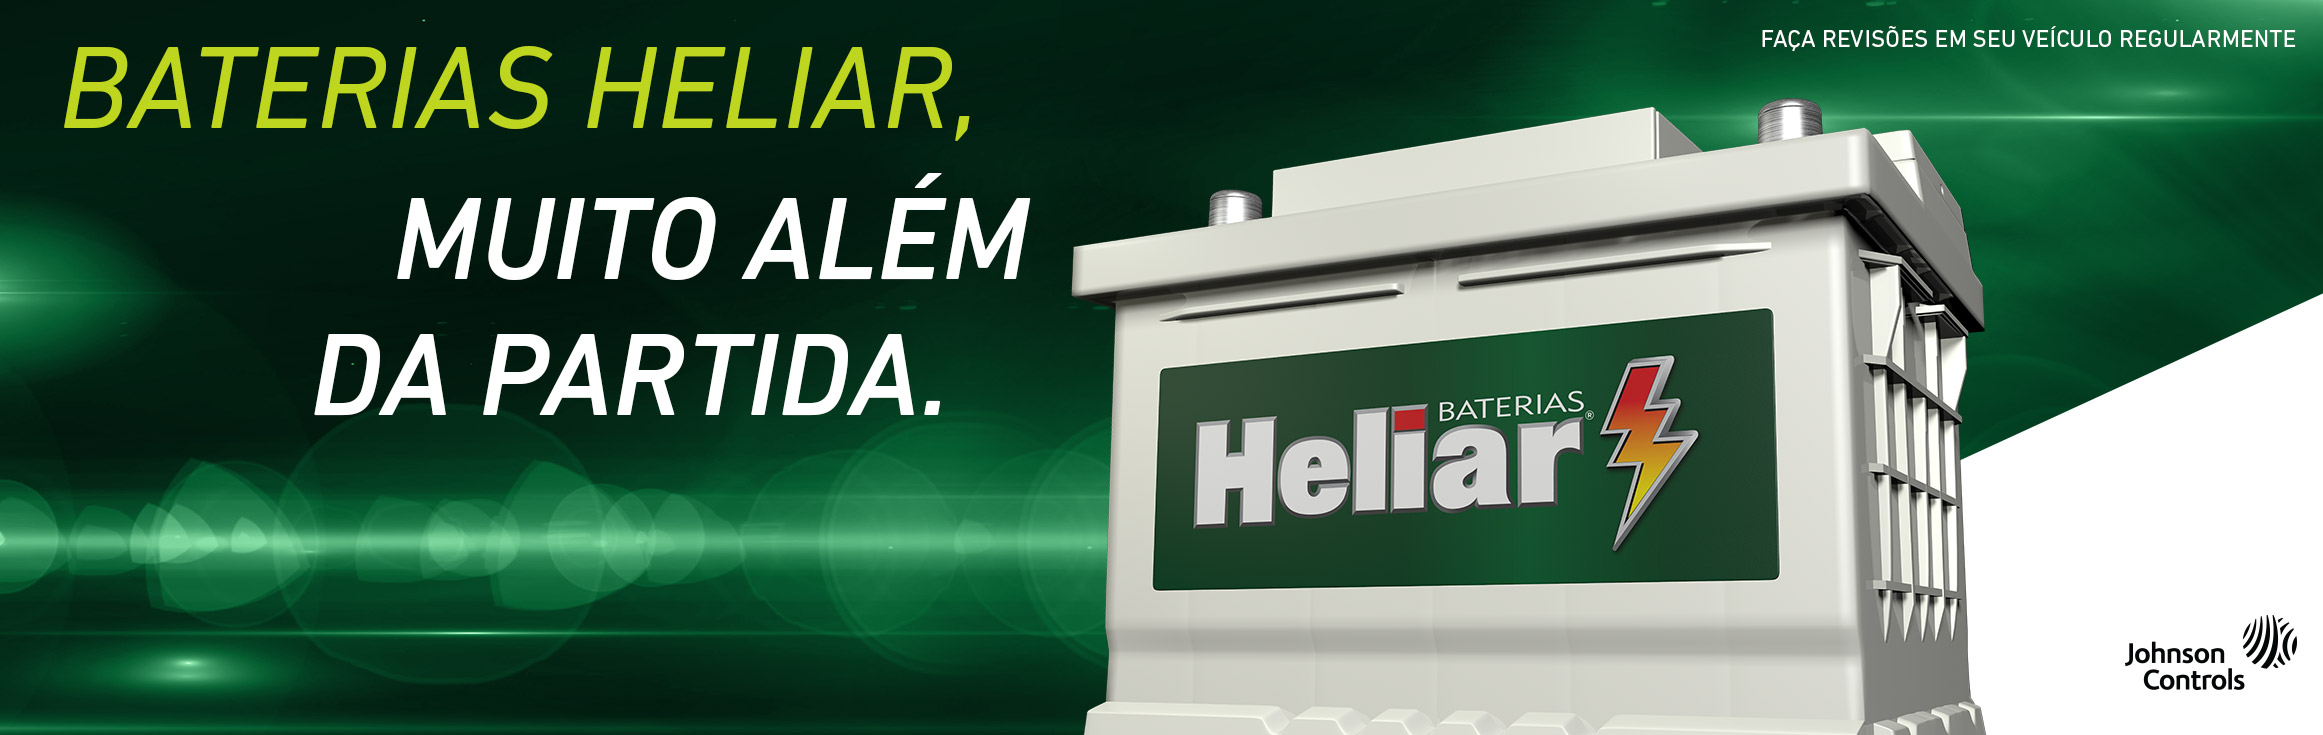 Baterias Heliar e Neymar Jr te levam juntos muito além da partida.